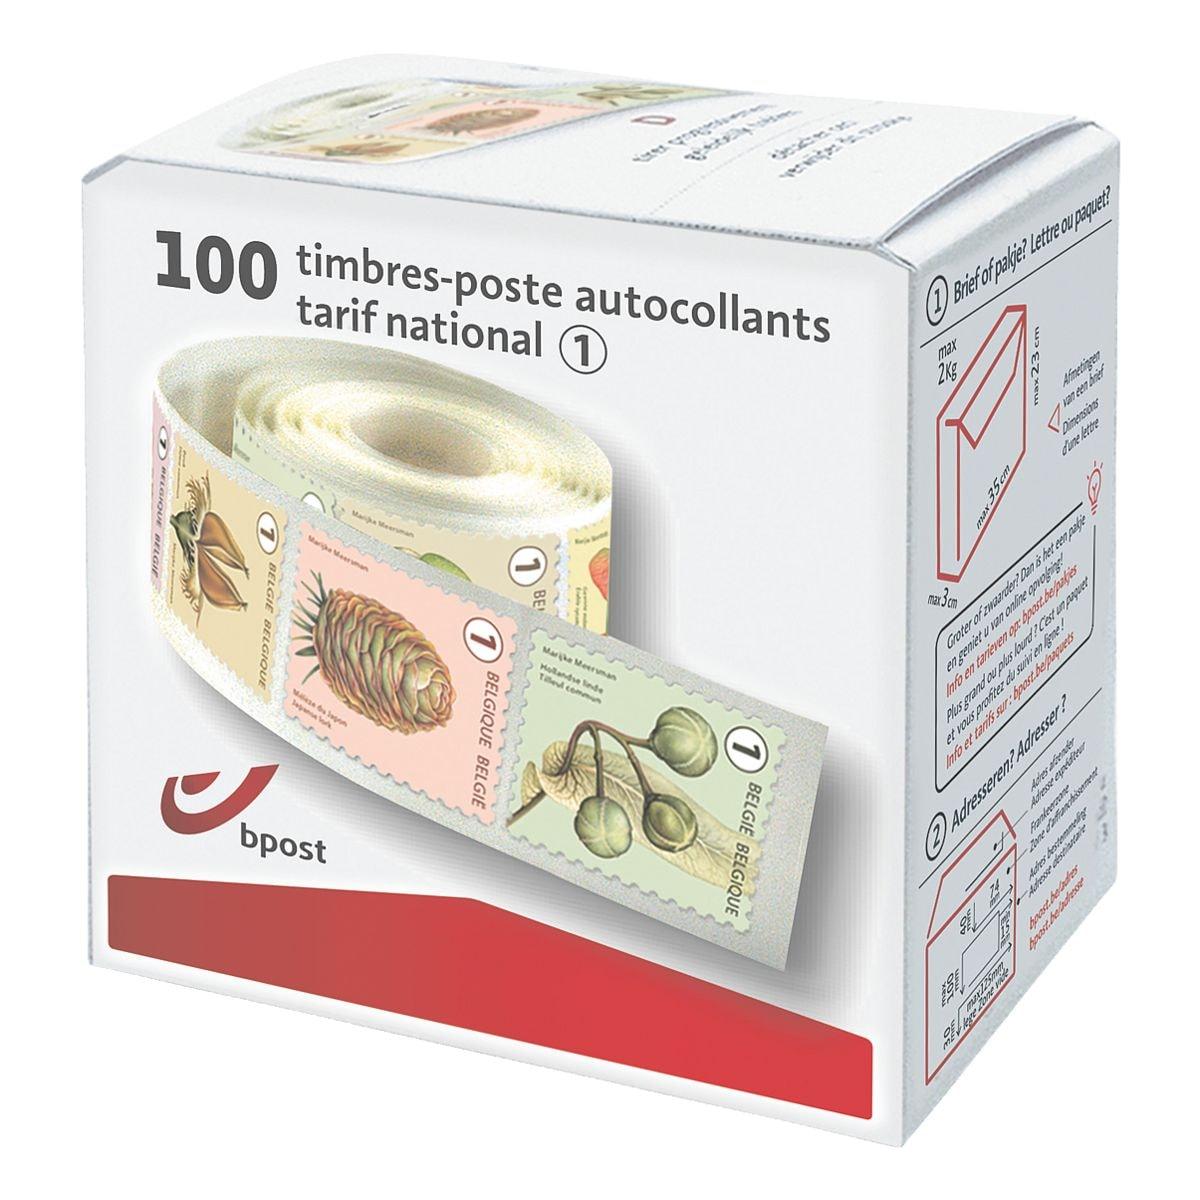 bpost Postzegels, tarief 1: nationaal non prior